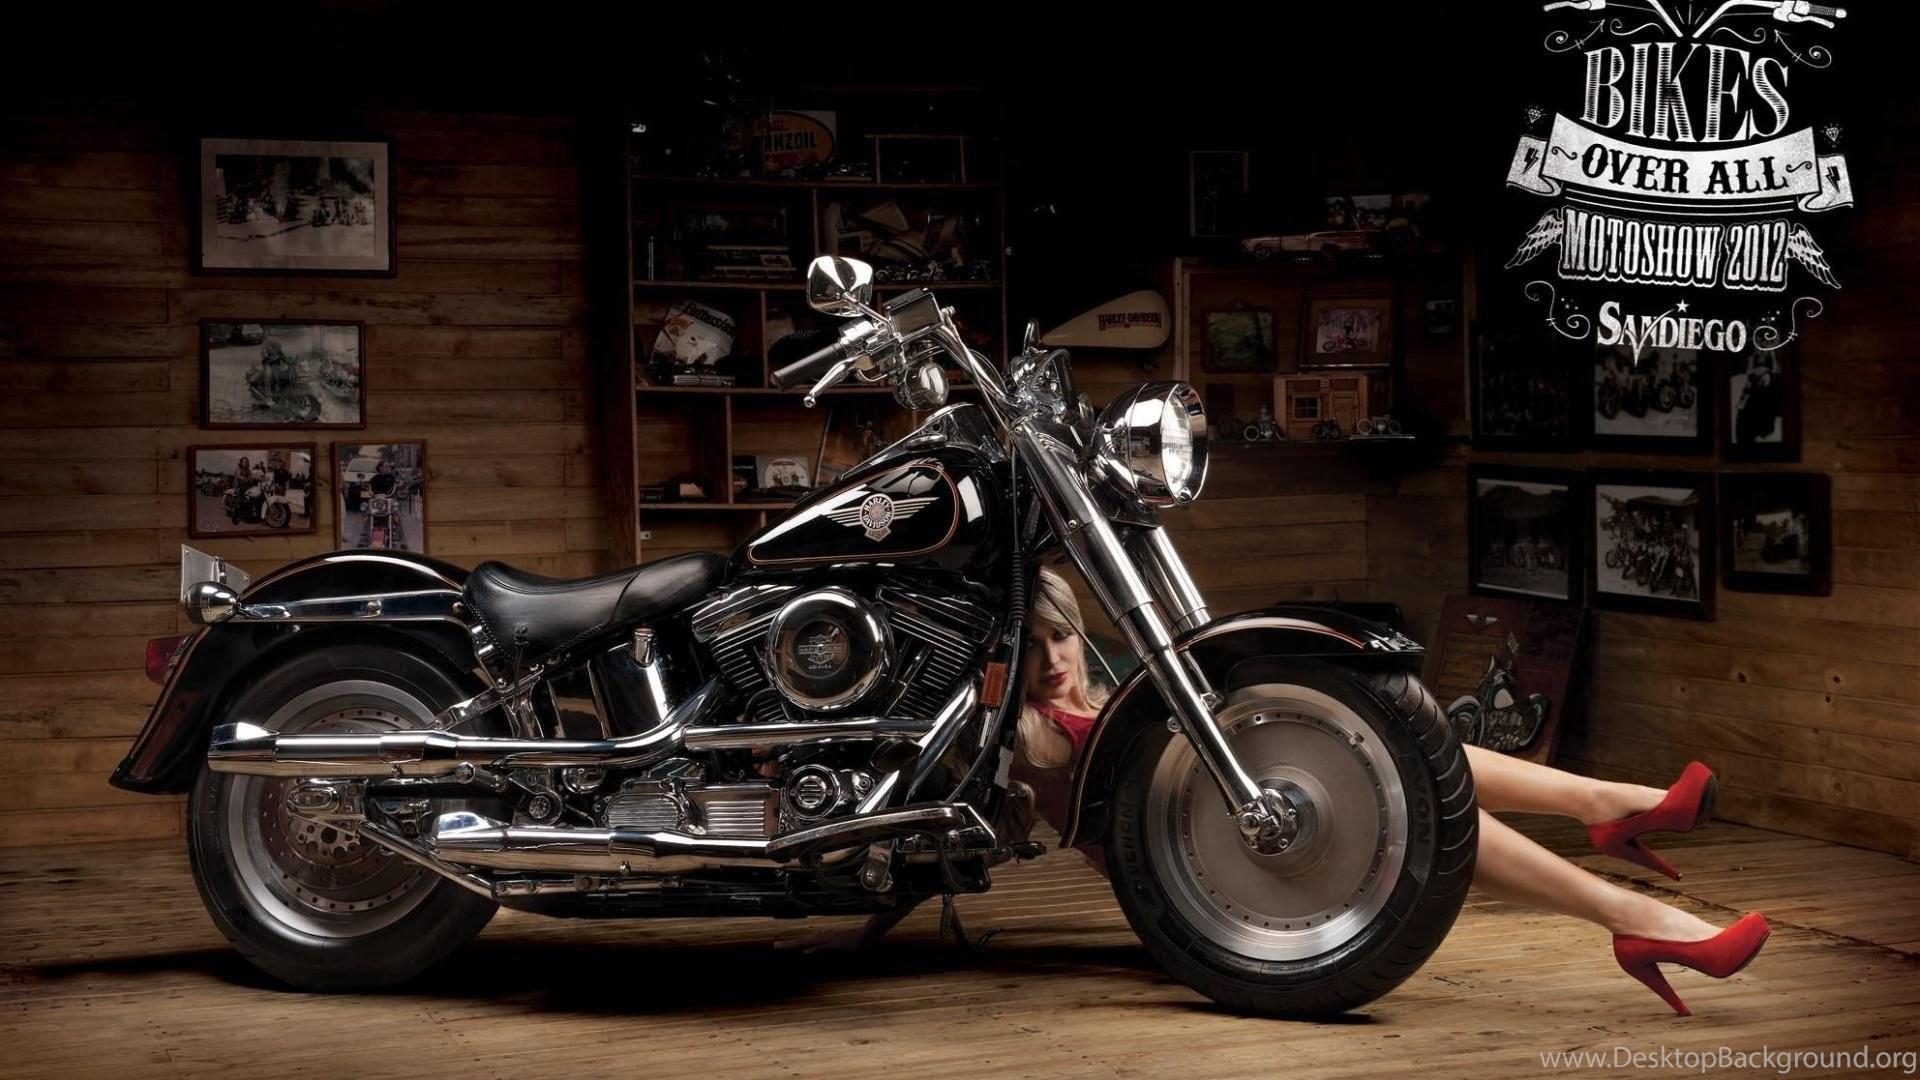 Harley Davidson Fatboy Wallpapers Desktop Background